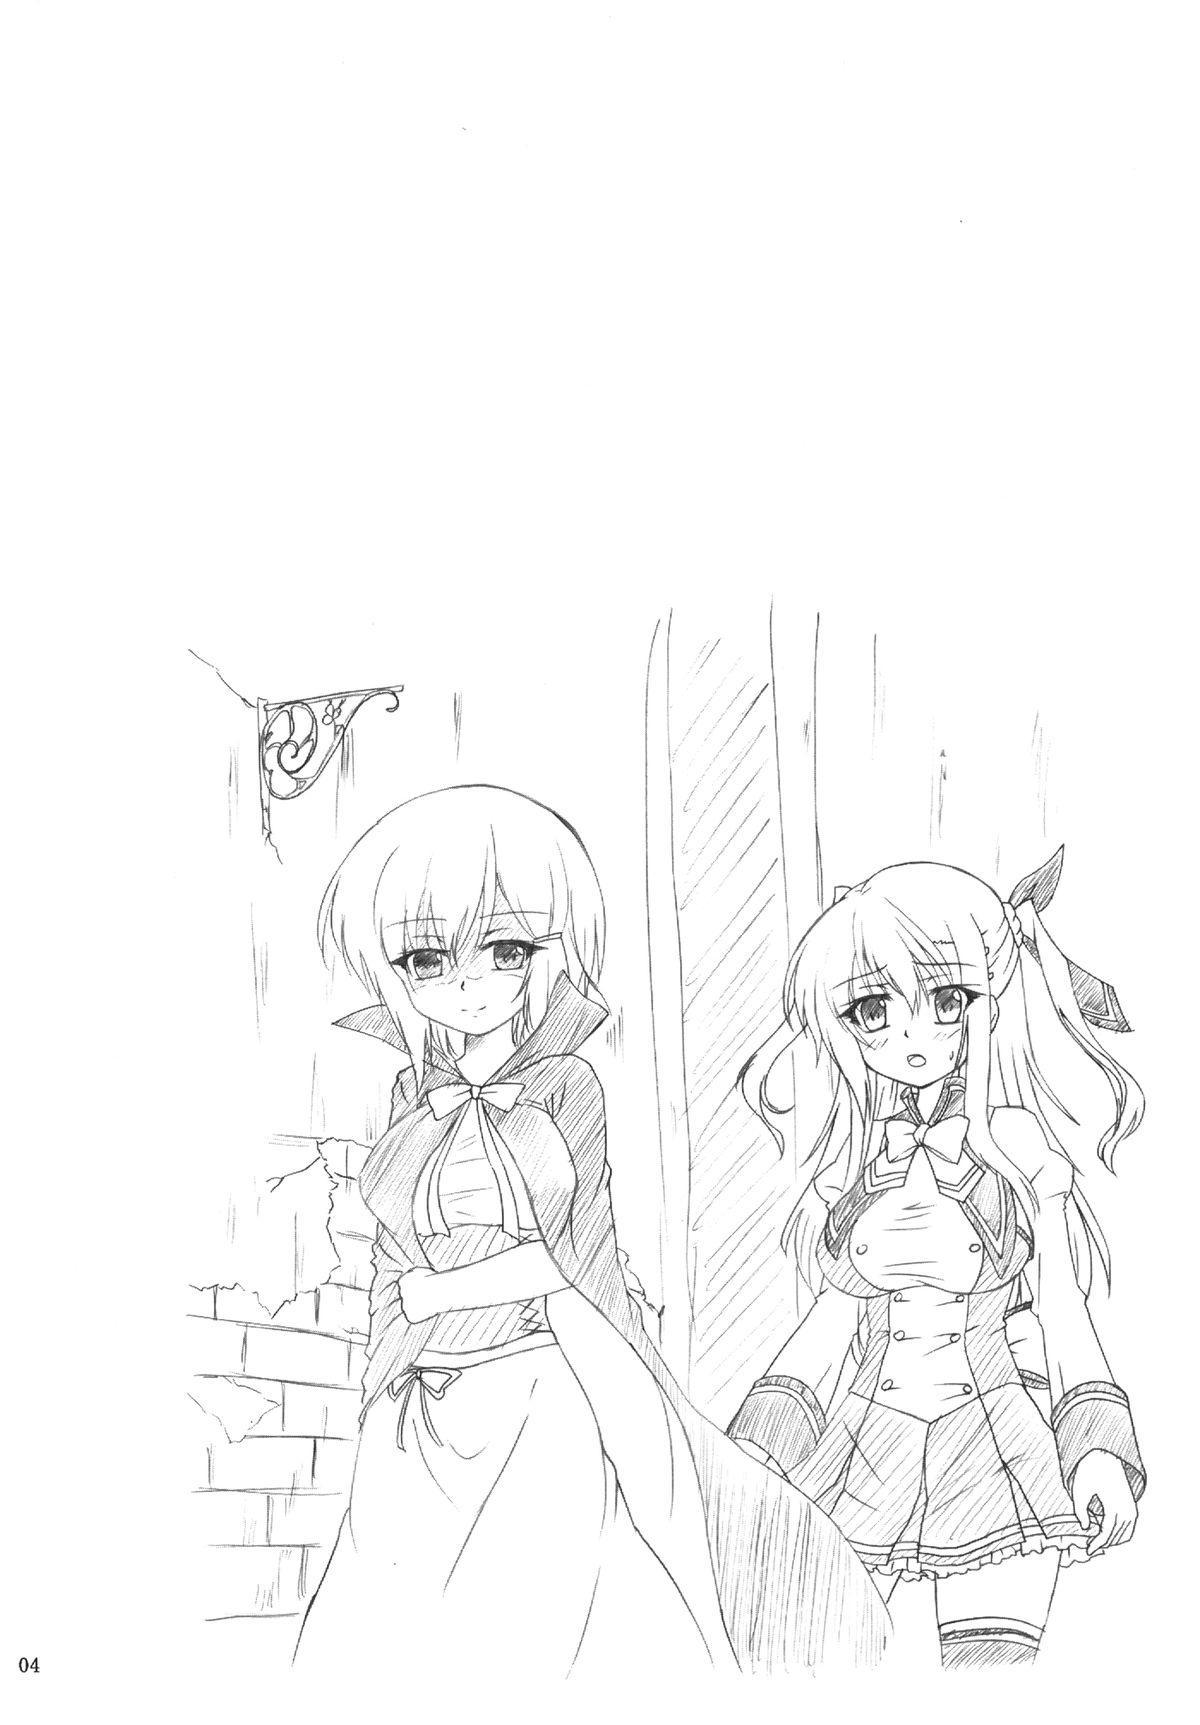 Fuhen no Kokoro 3